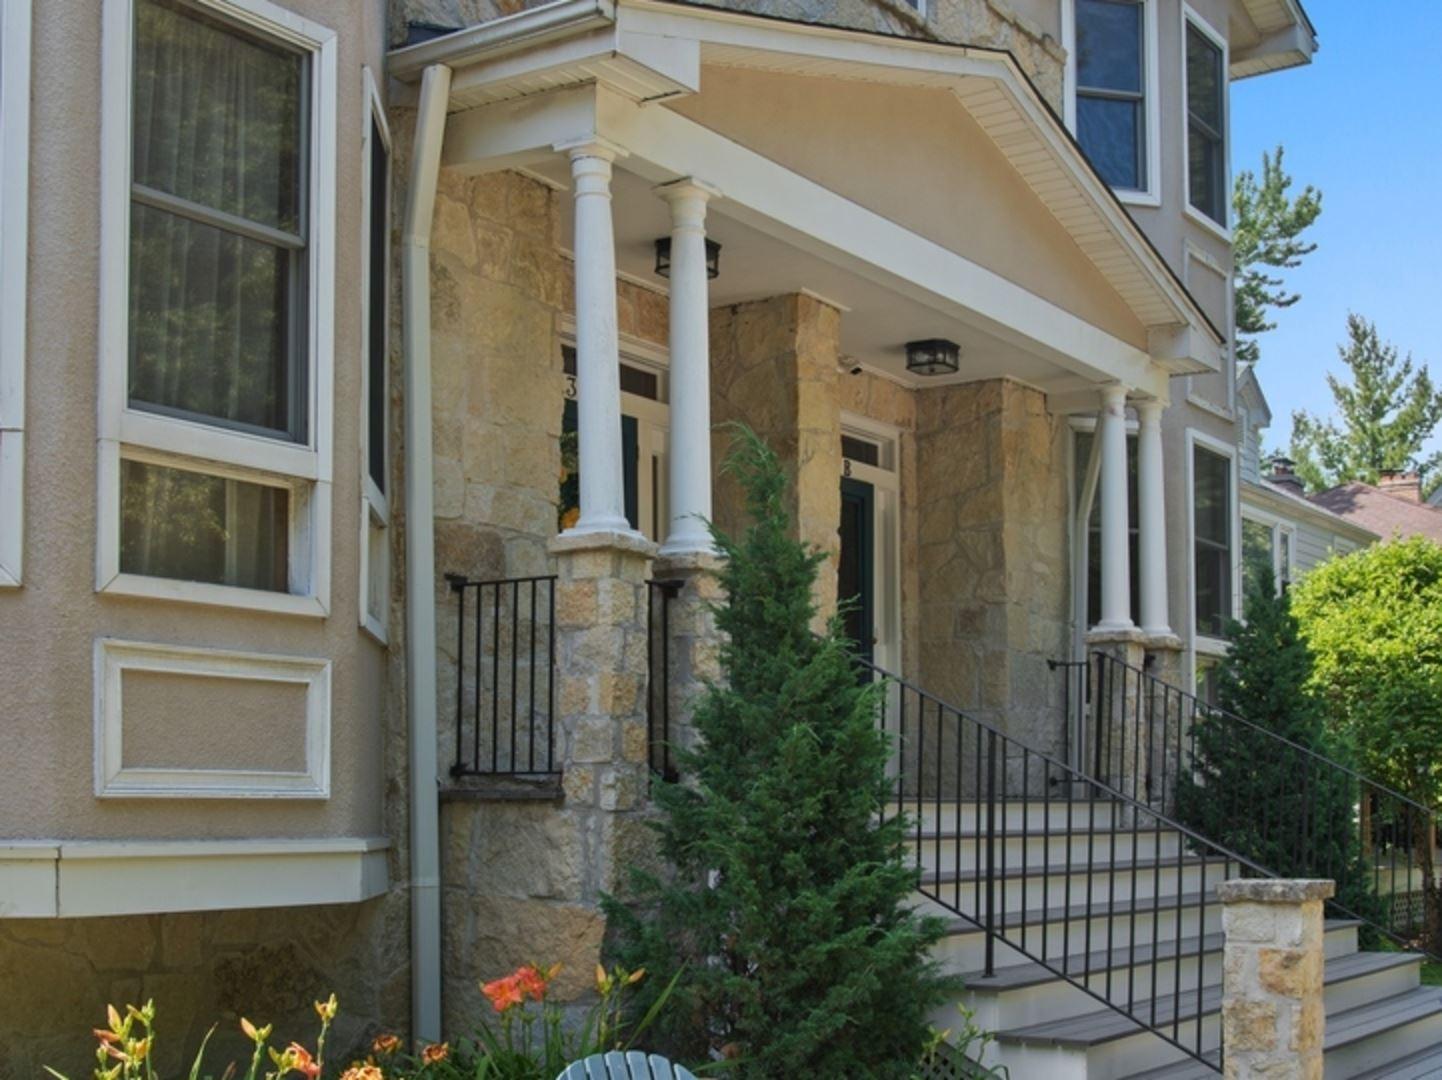 Photo for 2314 BROWN Avenue #A, Evanston, IL 60201 (MLS # 10924027)